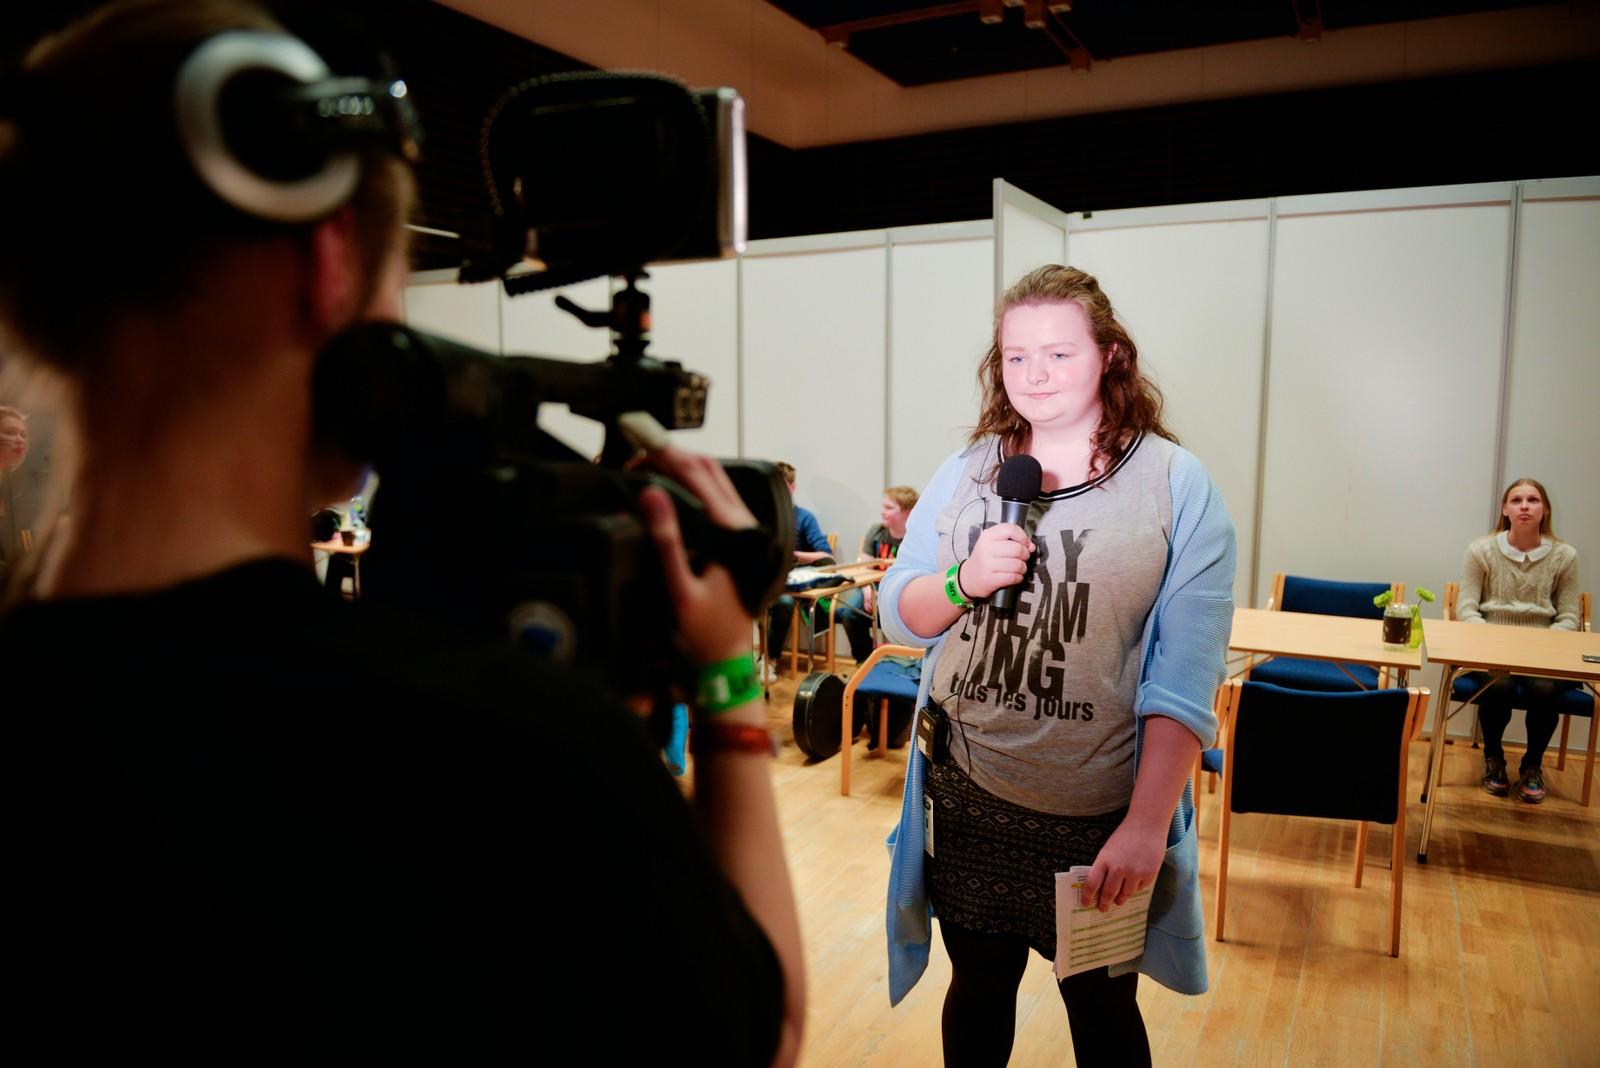 Lena Førde er ei av tre kvinner som losar deltakarar og publikum gjennom helgas UKM i Førde.